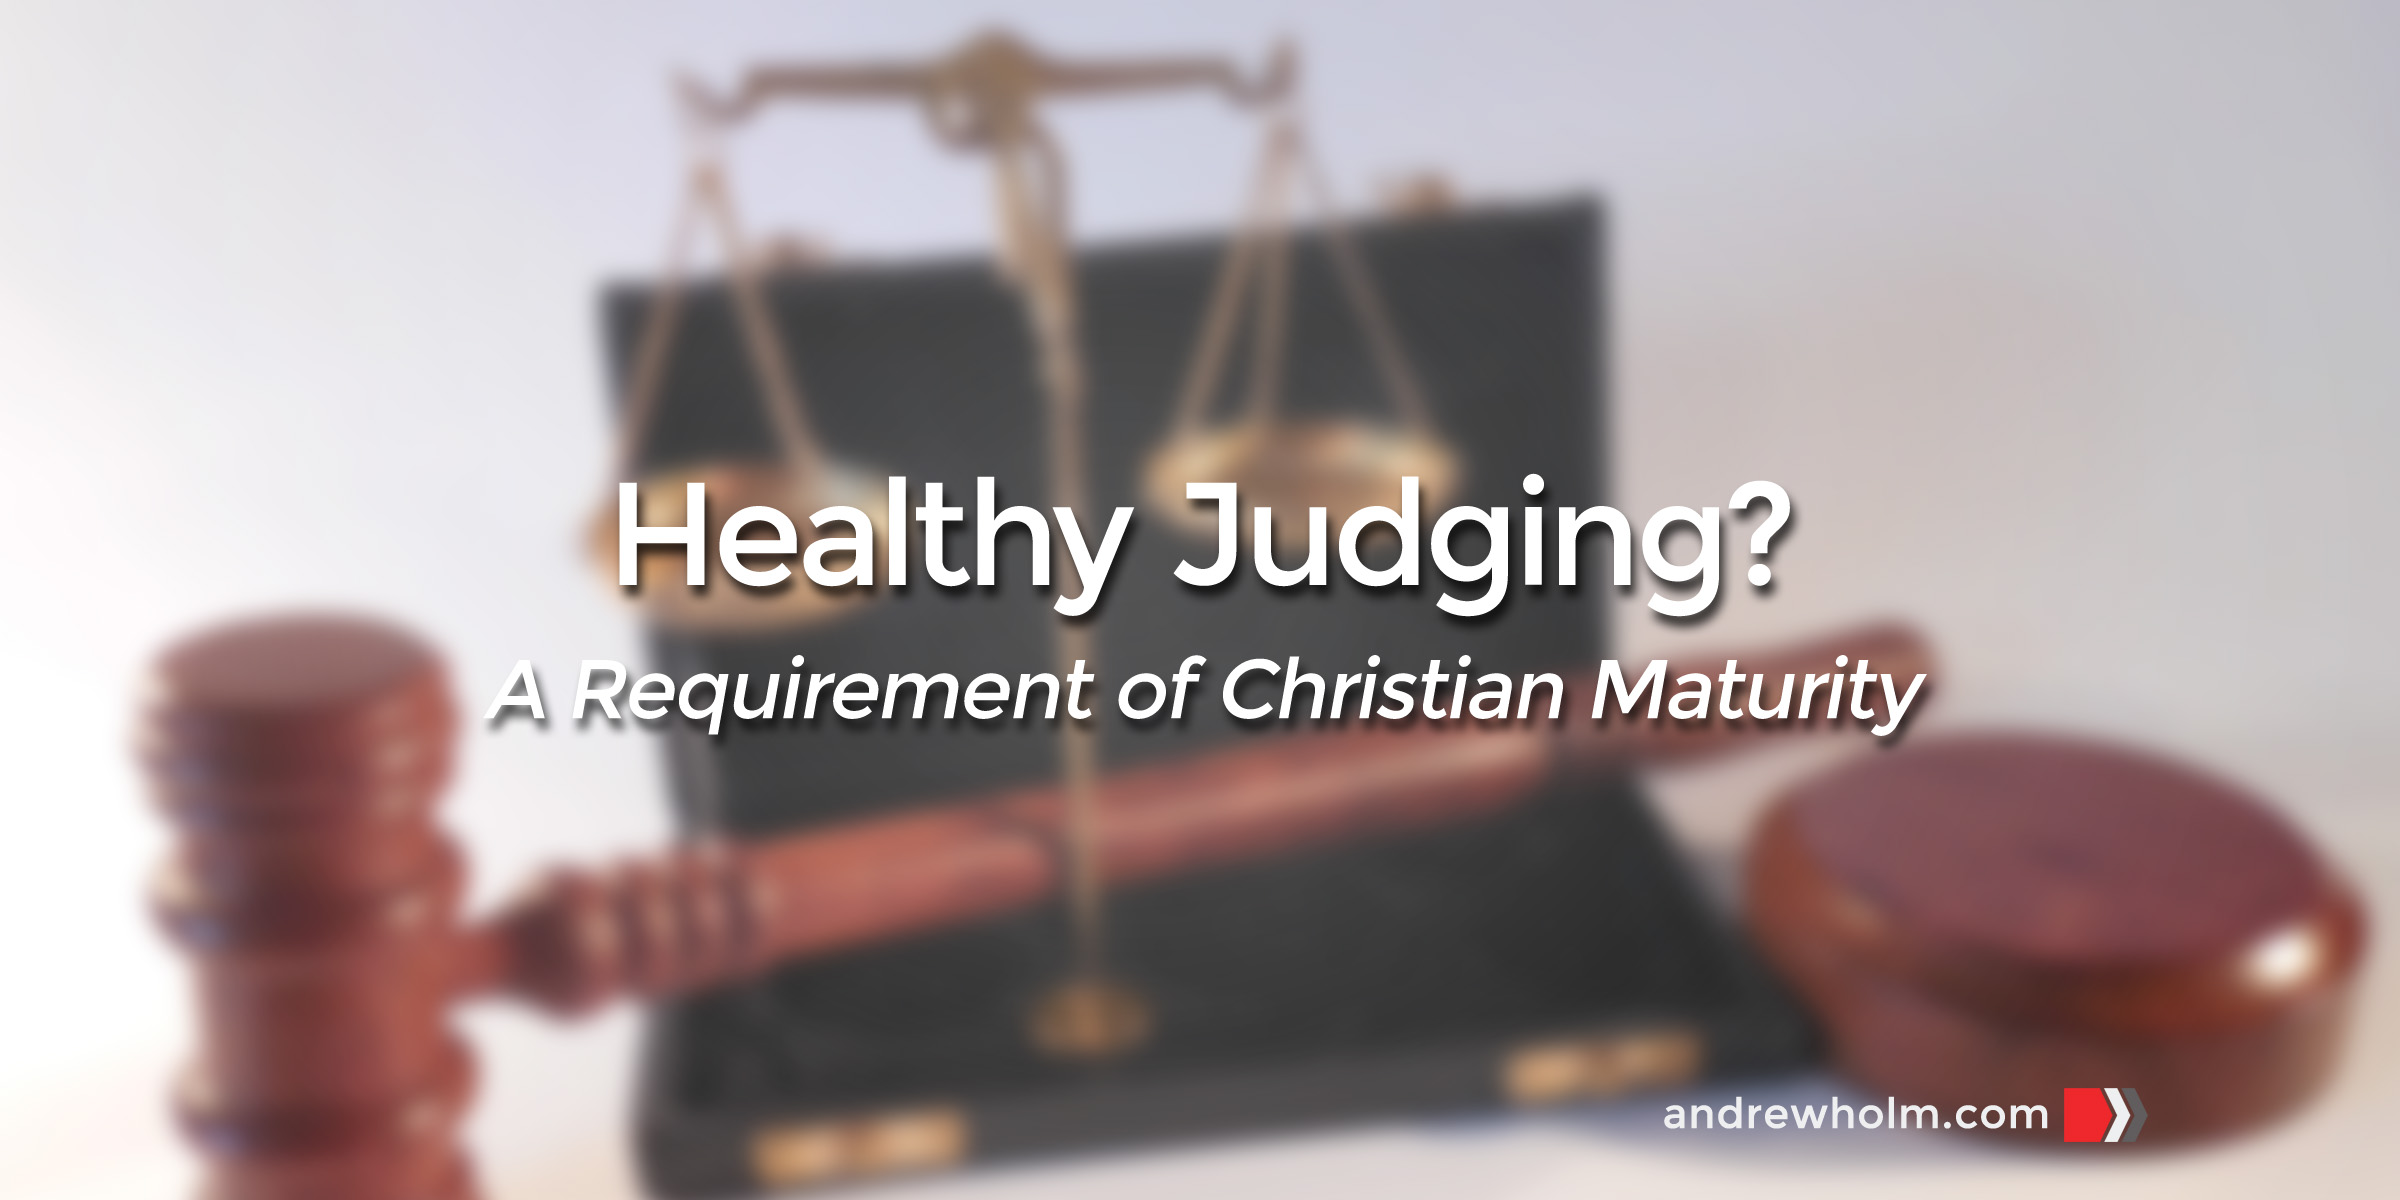 Healthy Judging?